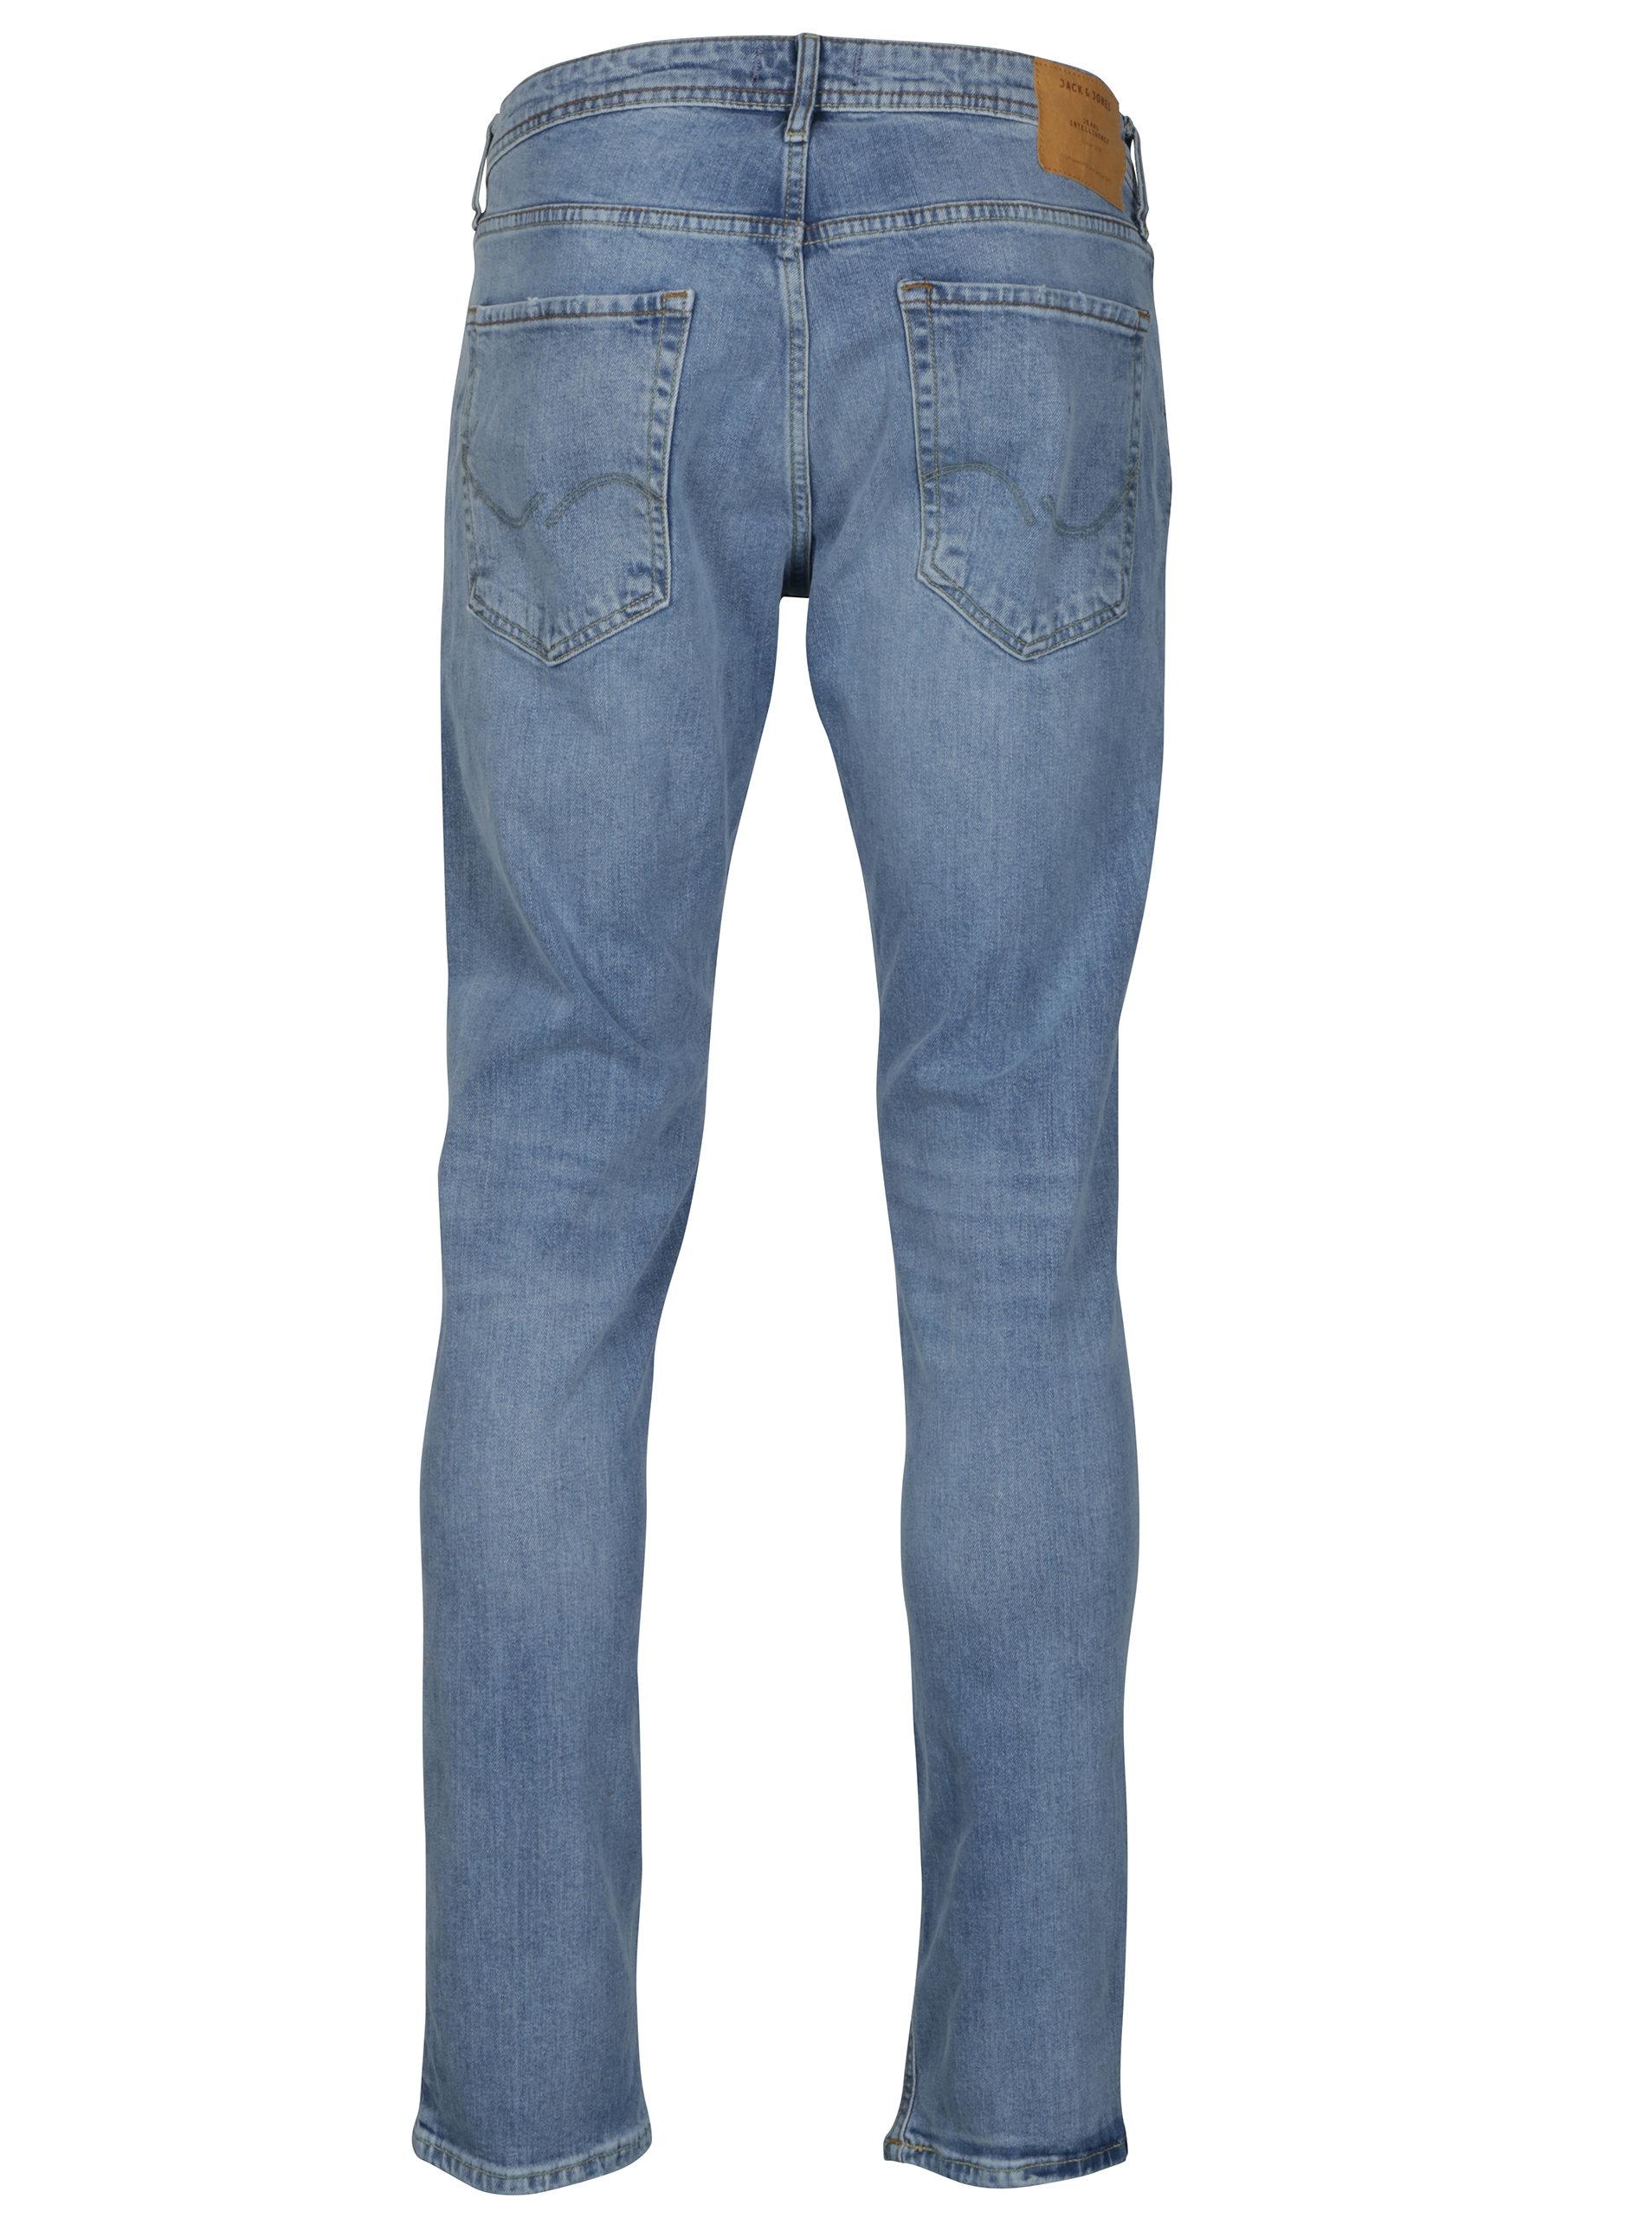 00675a7bdb13 Světle modré slim fit džíny s potrhaným efektem Jack   Jones Tim ...